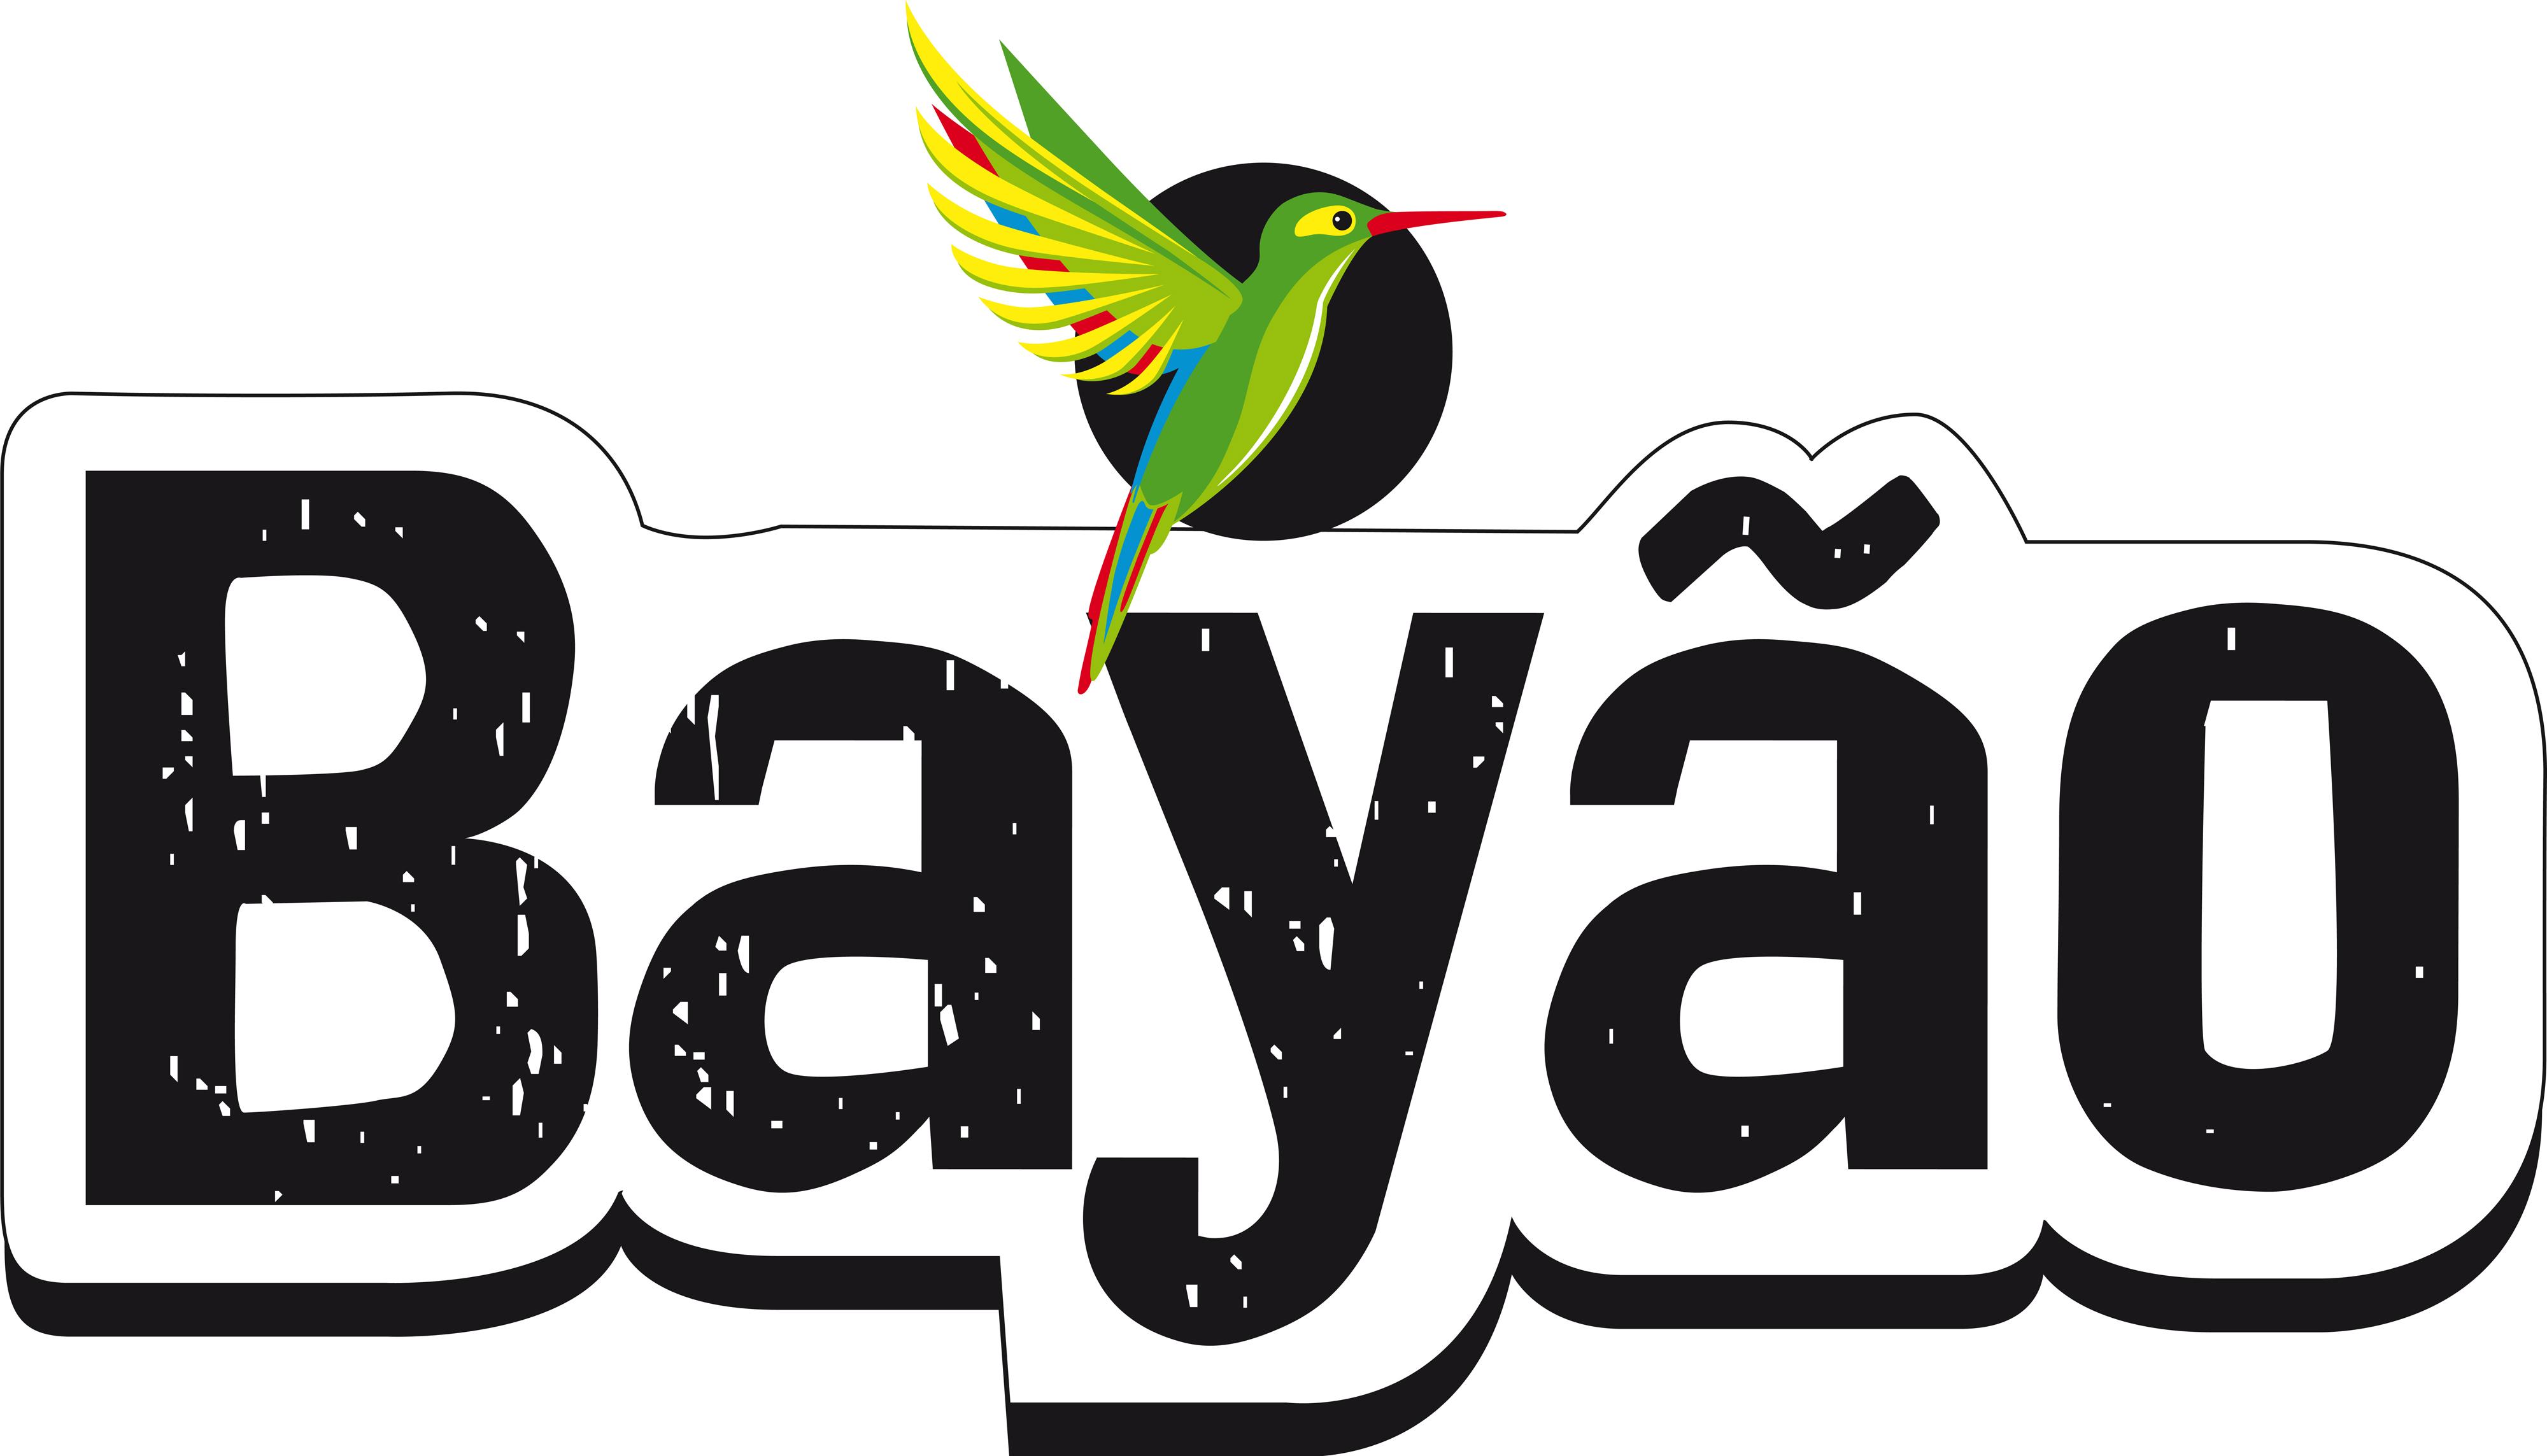 Bayao Caipirinha